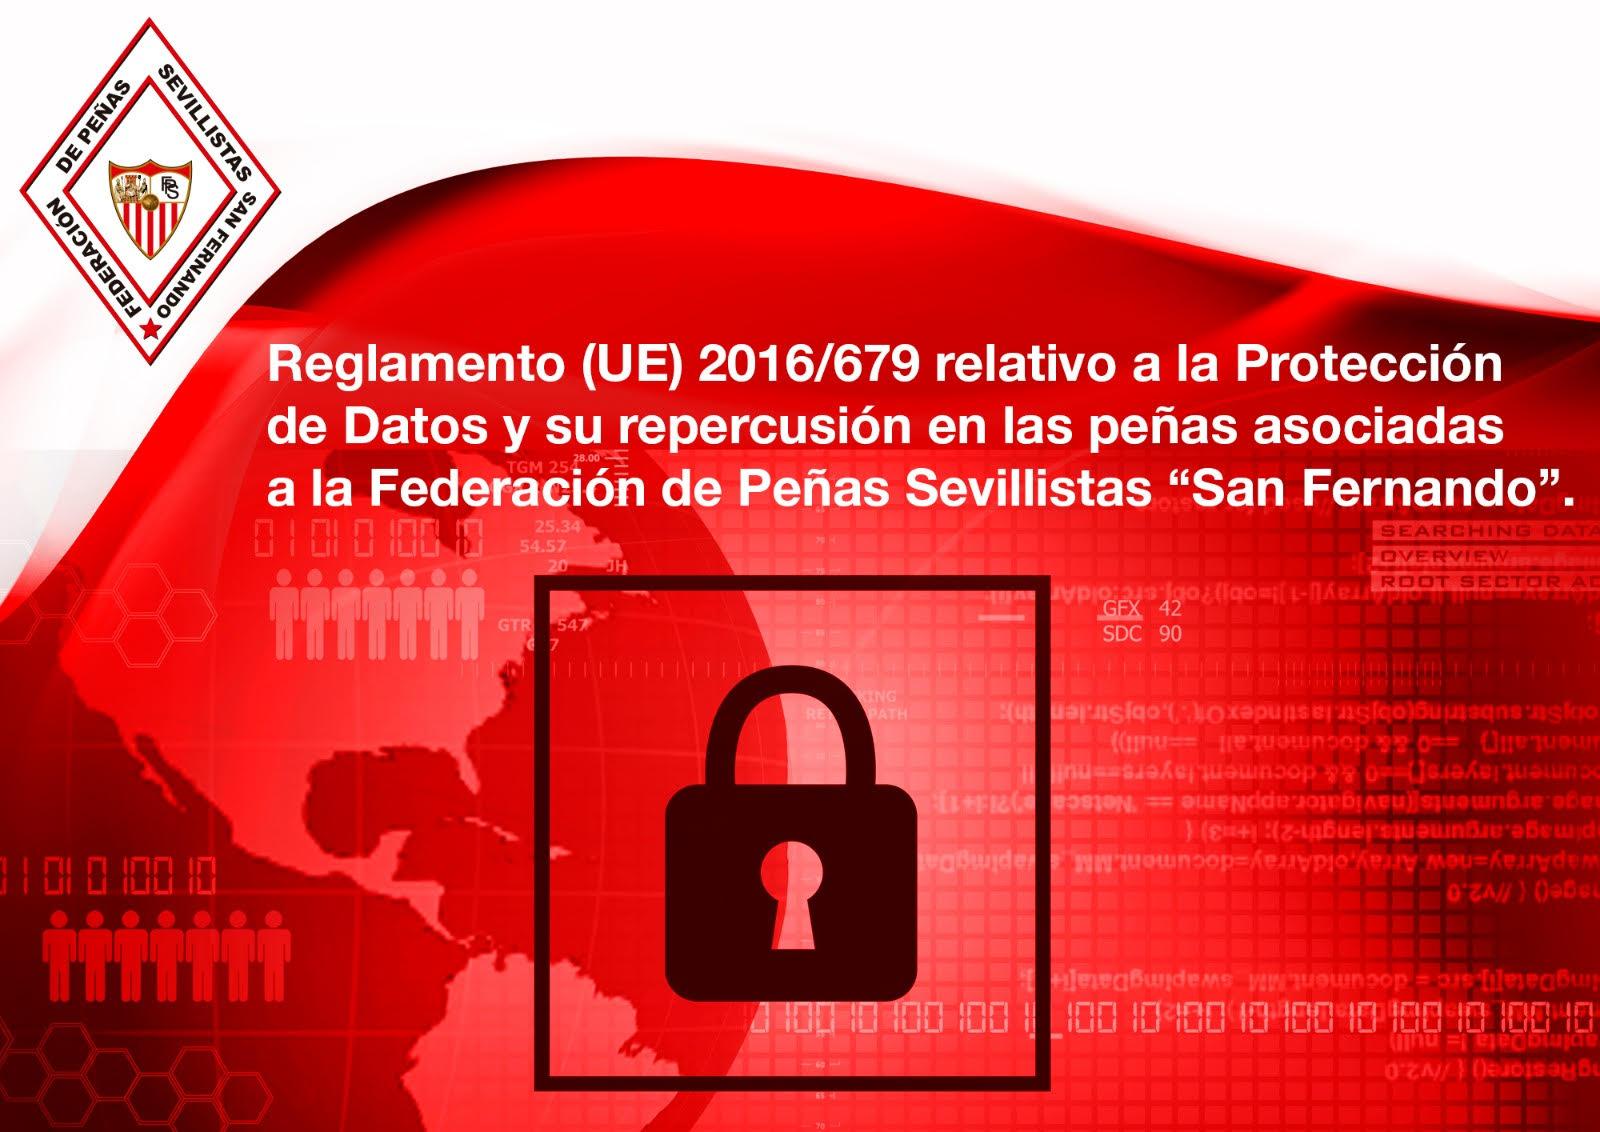 Acuerdo con empresa Reglamento General de Protección de Datos